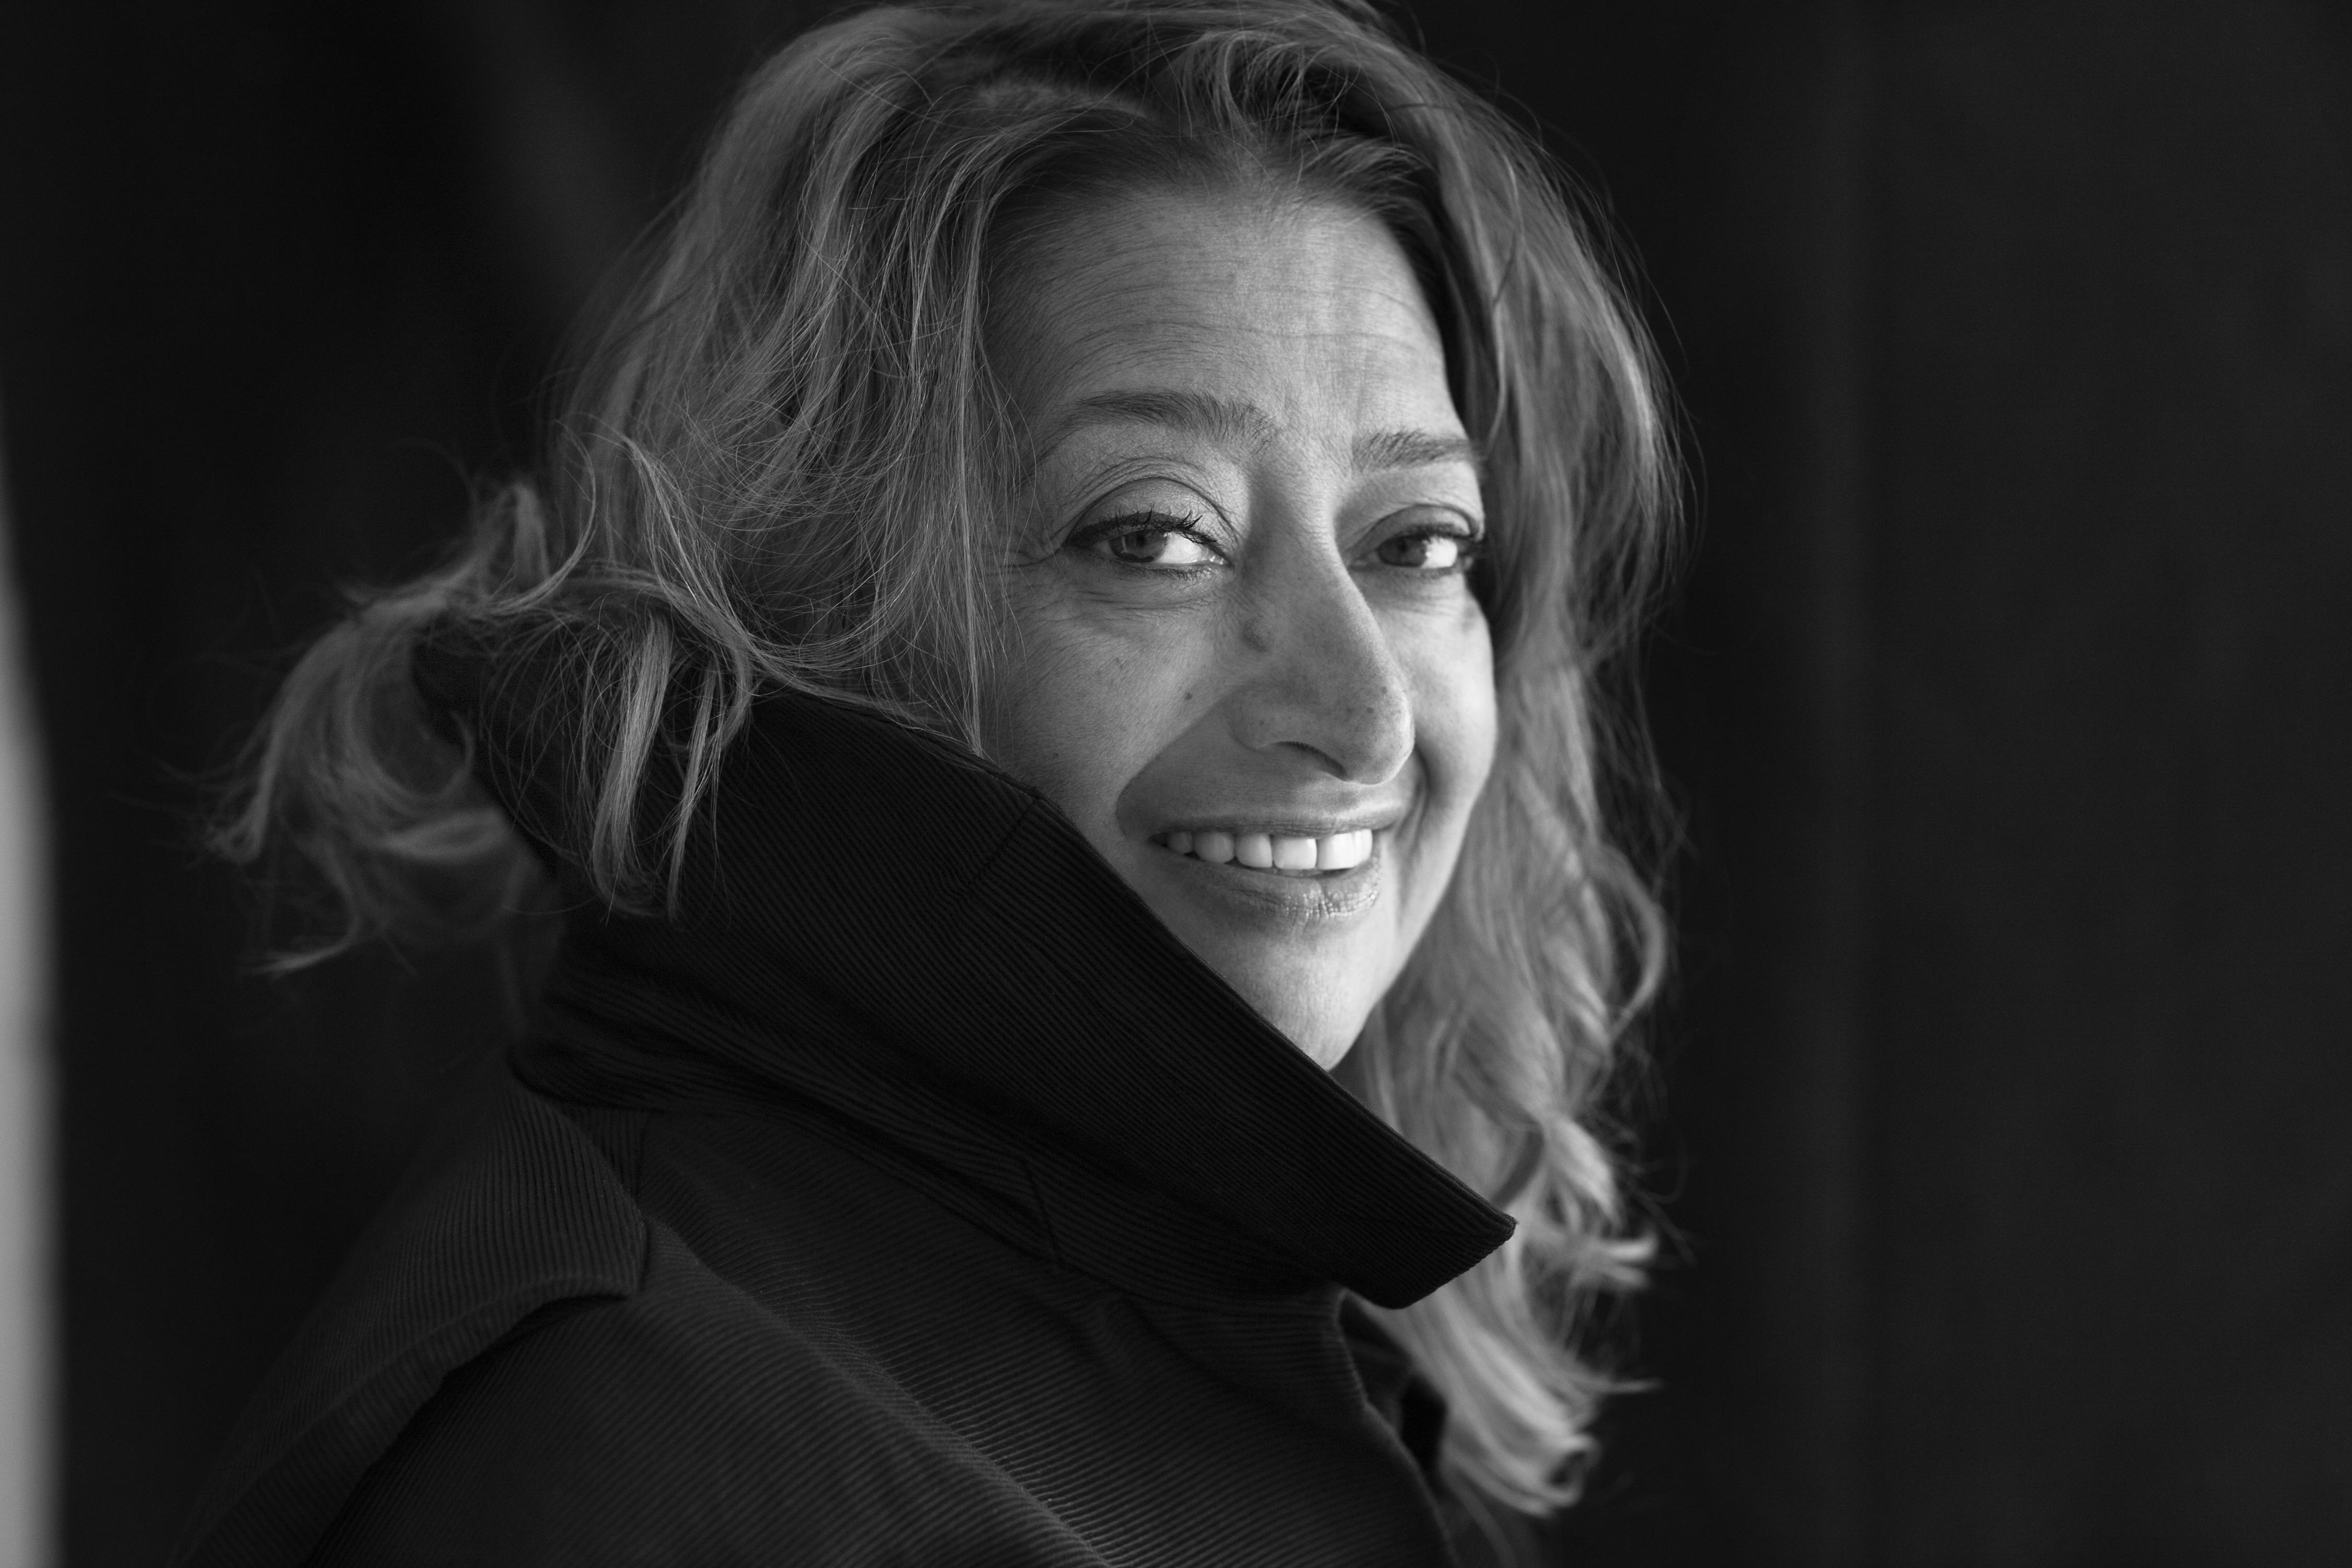 Falleció la arquitecta Zaha Hadid